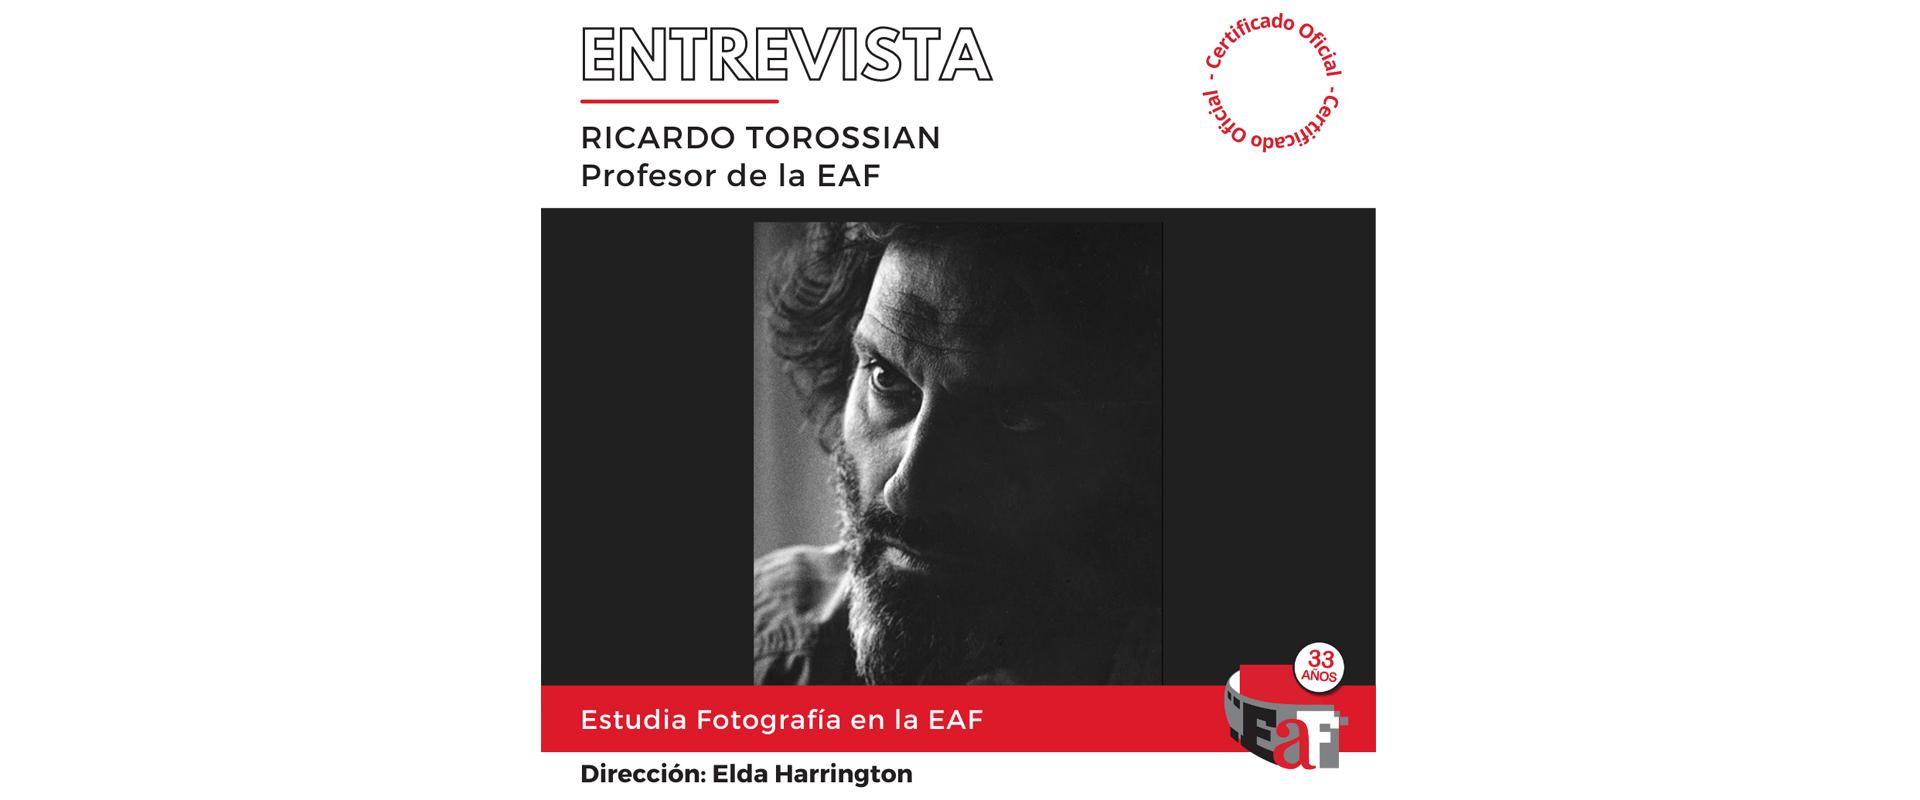 Ricardo Torossian